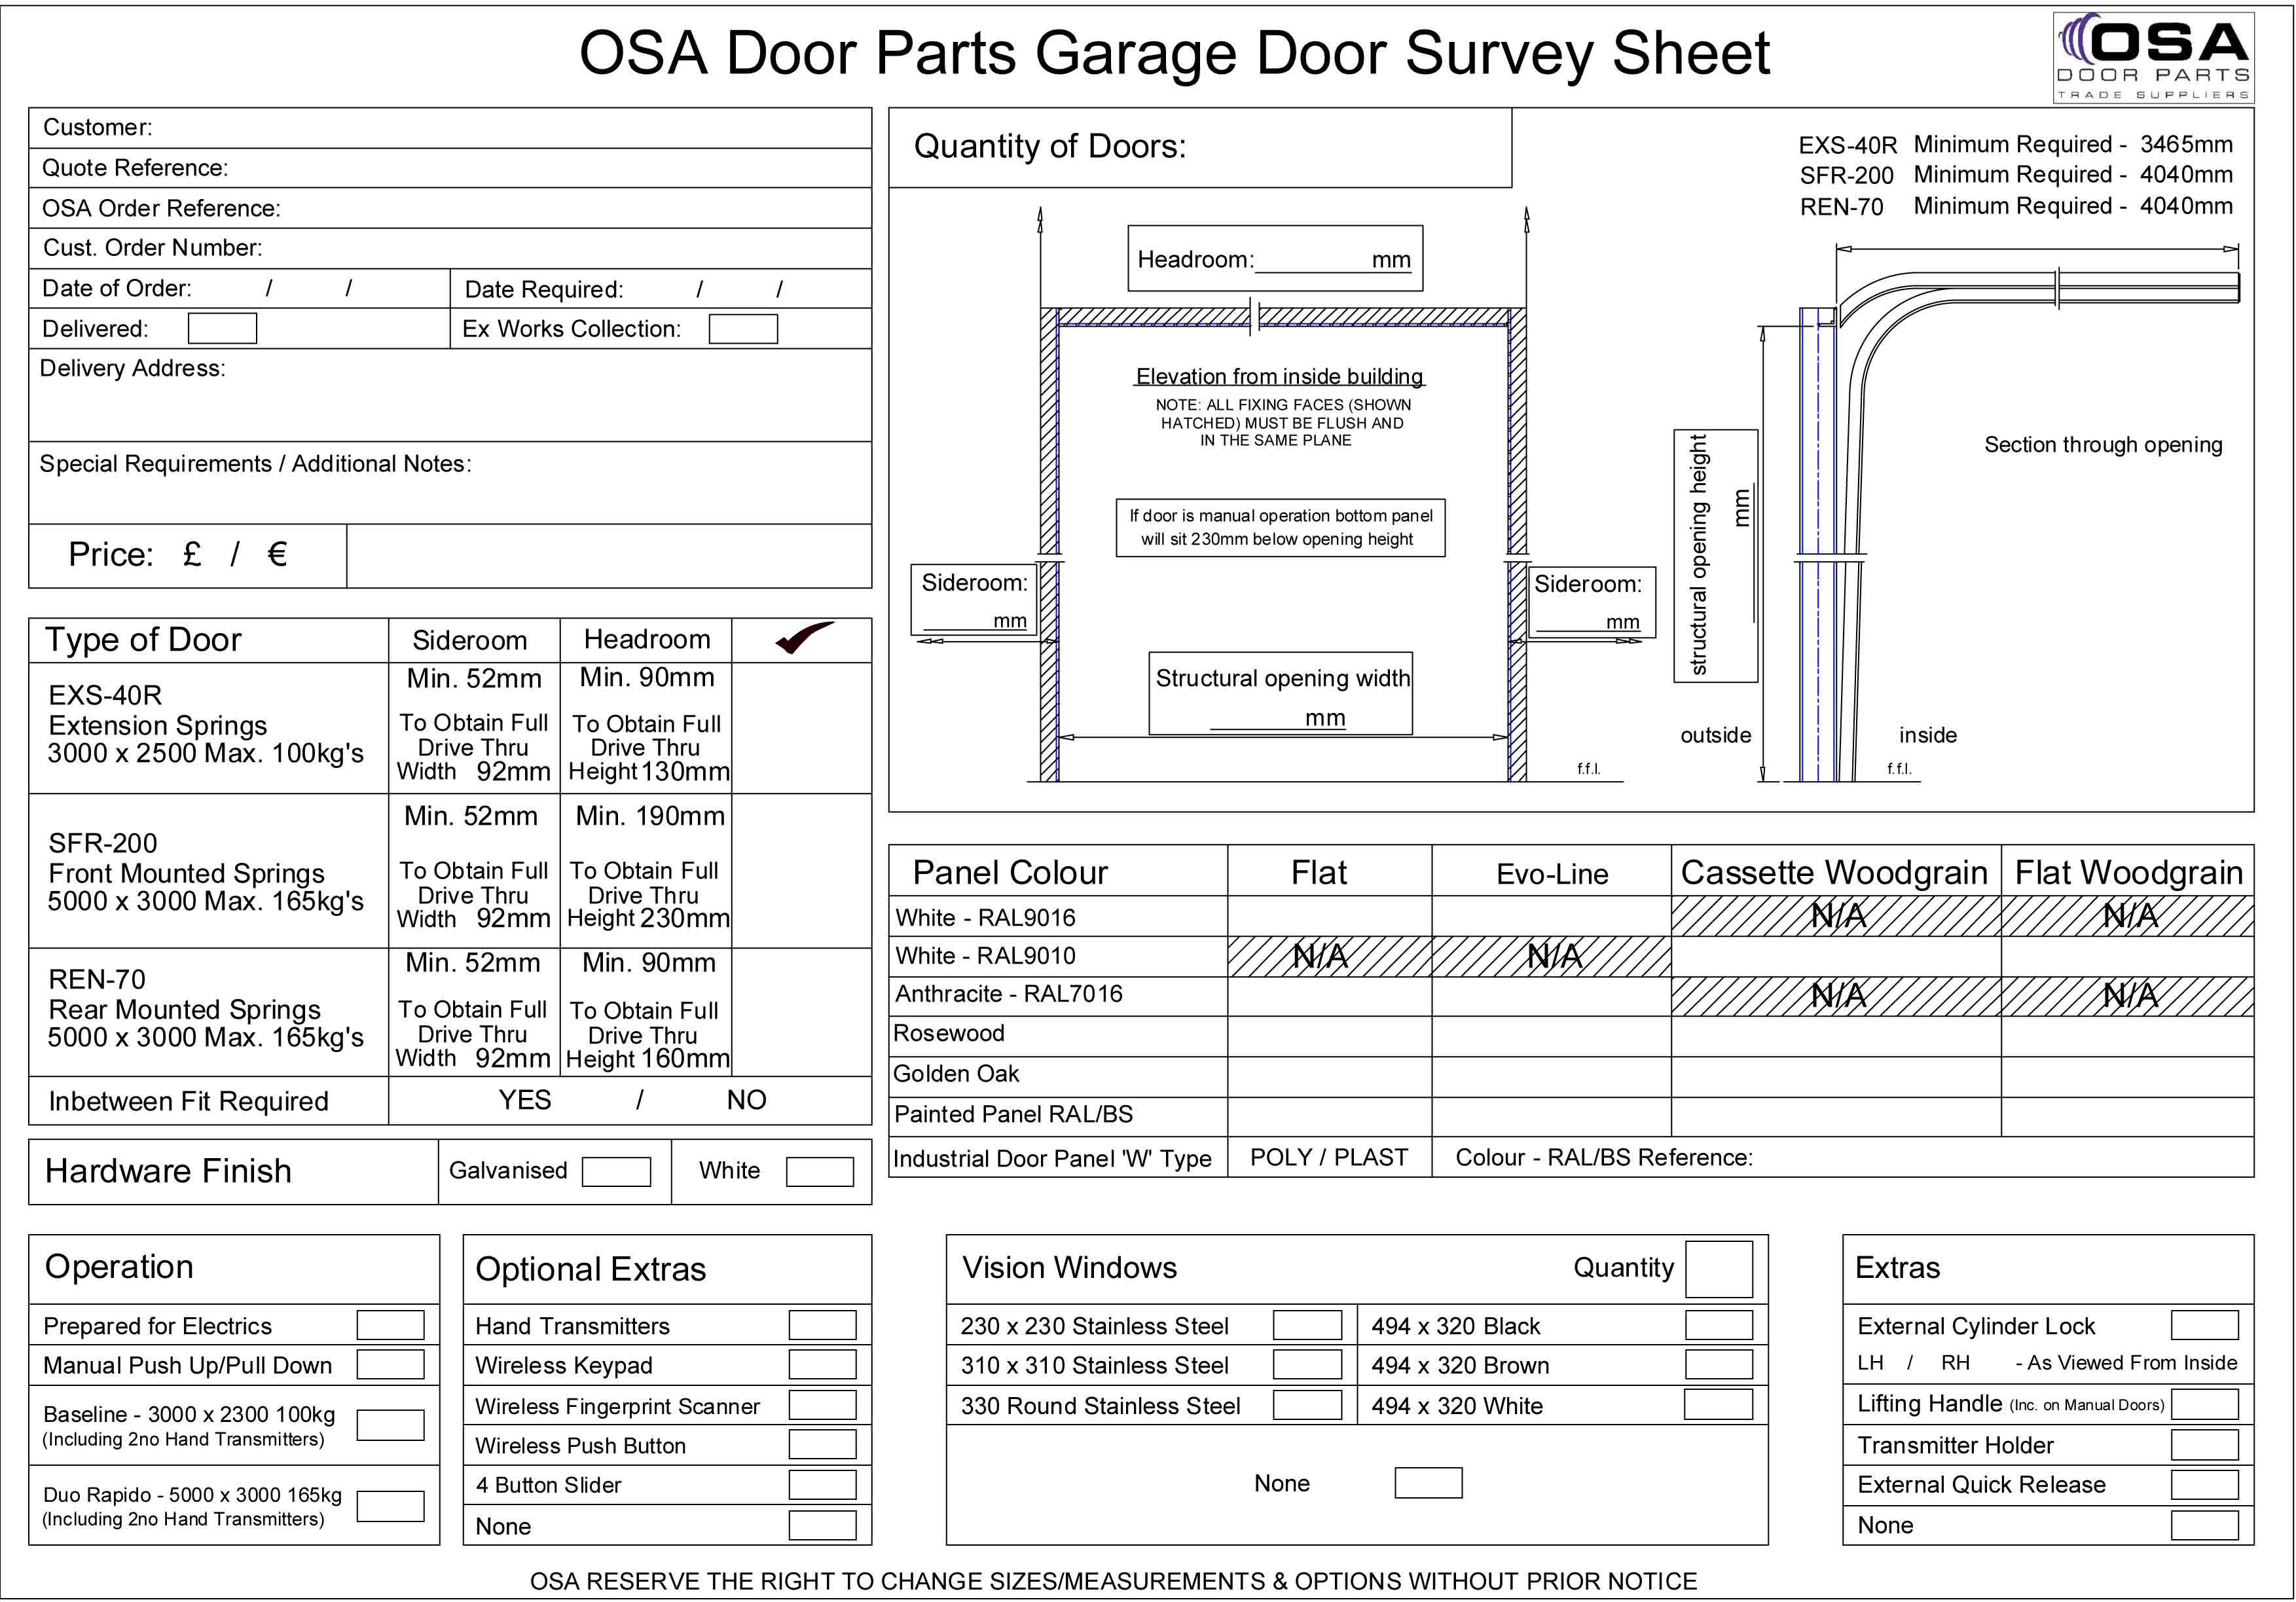 Garage door panel parts - Garage Door Survey Sheet